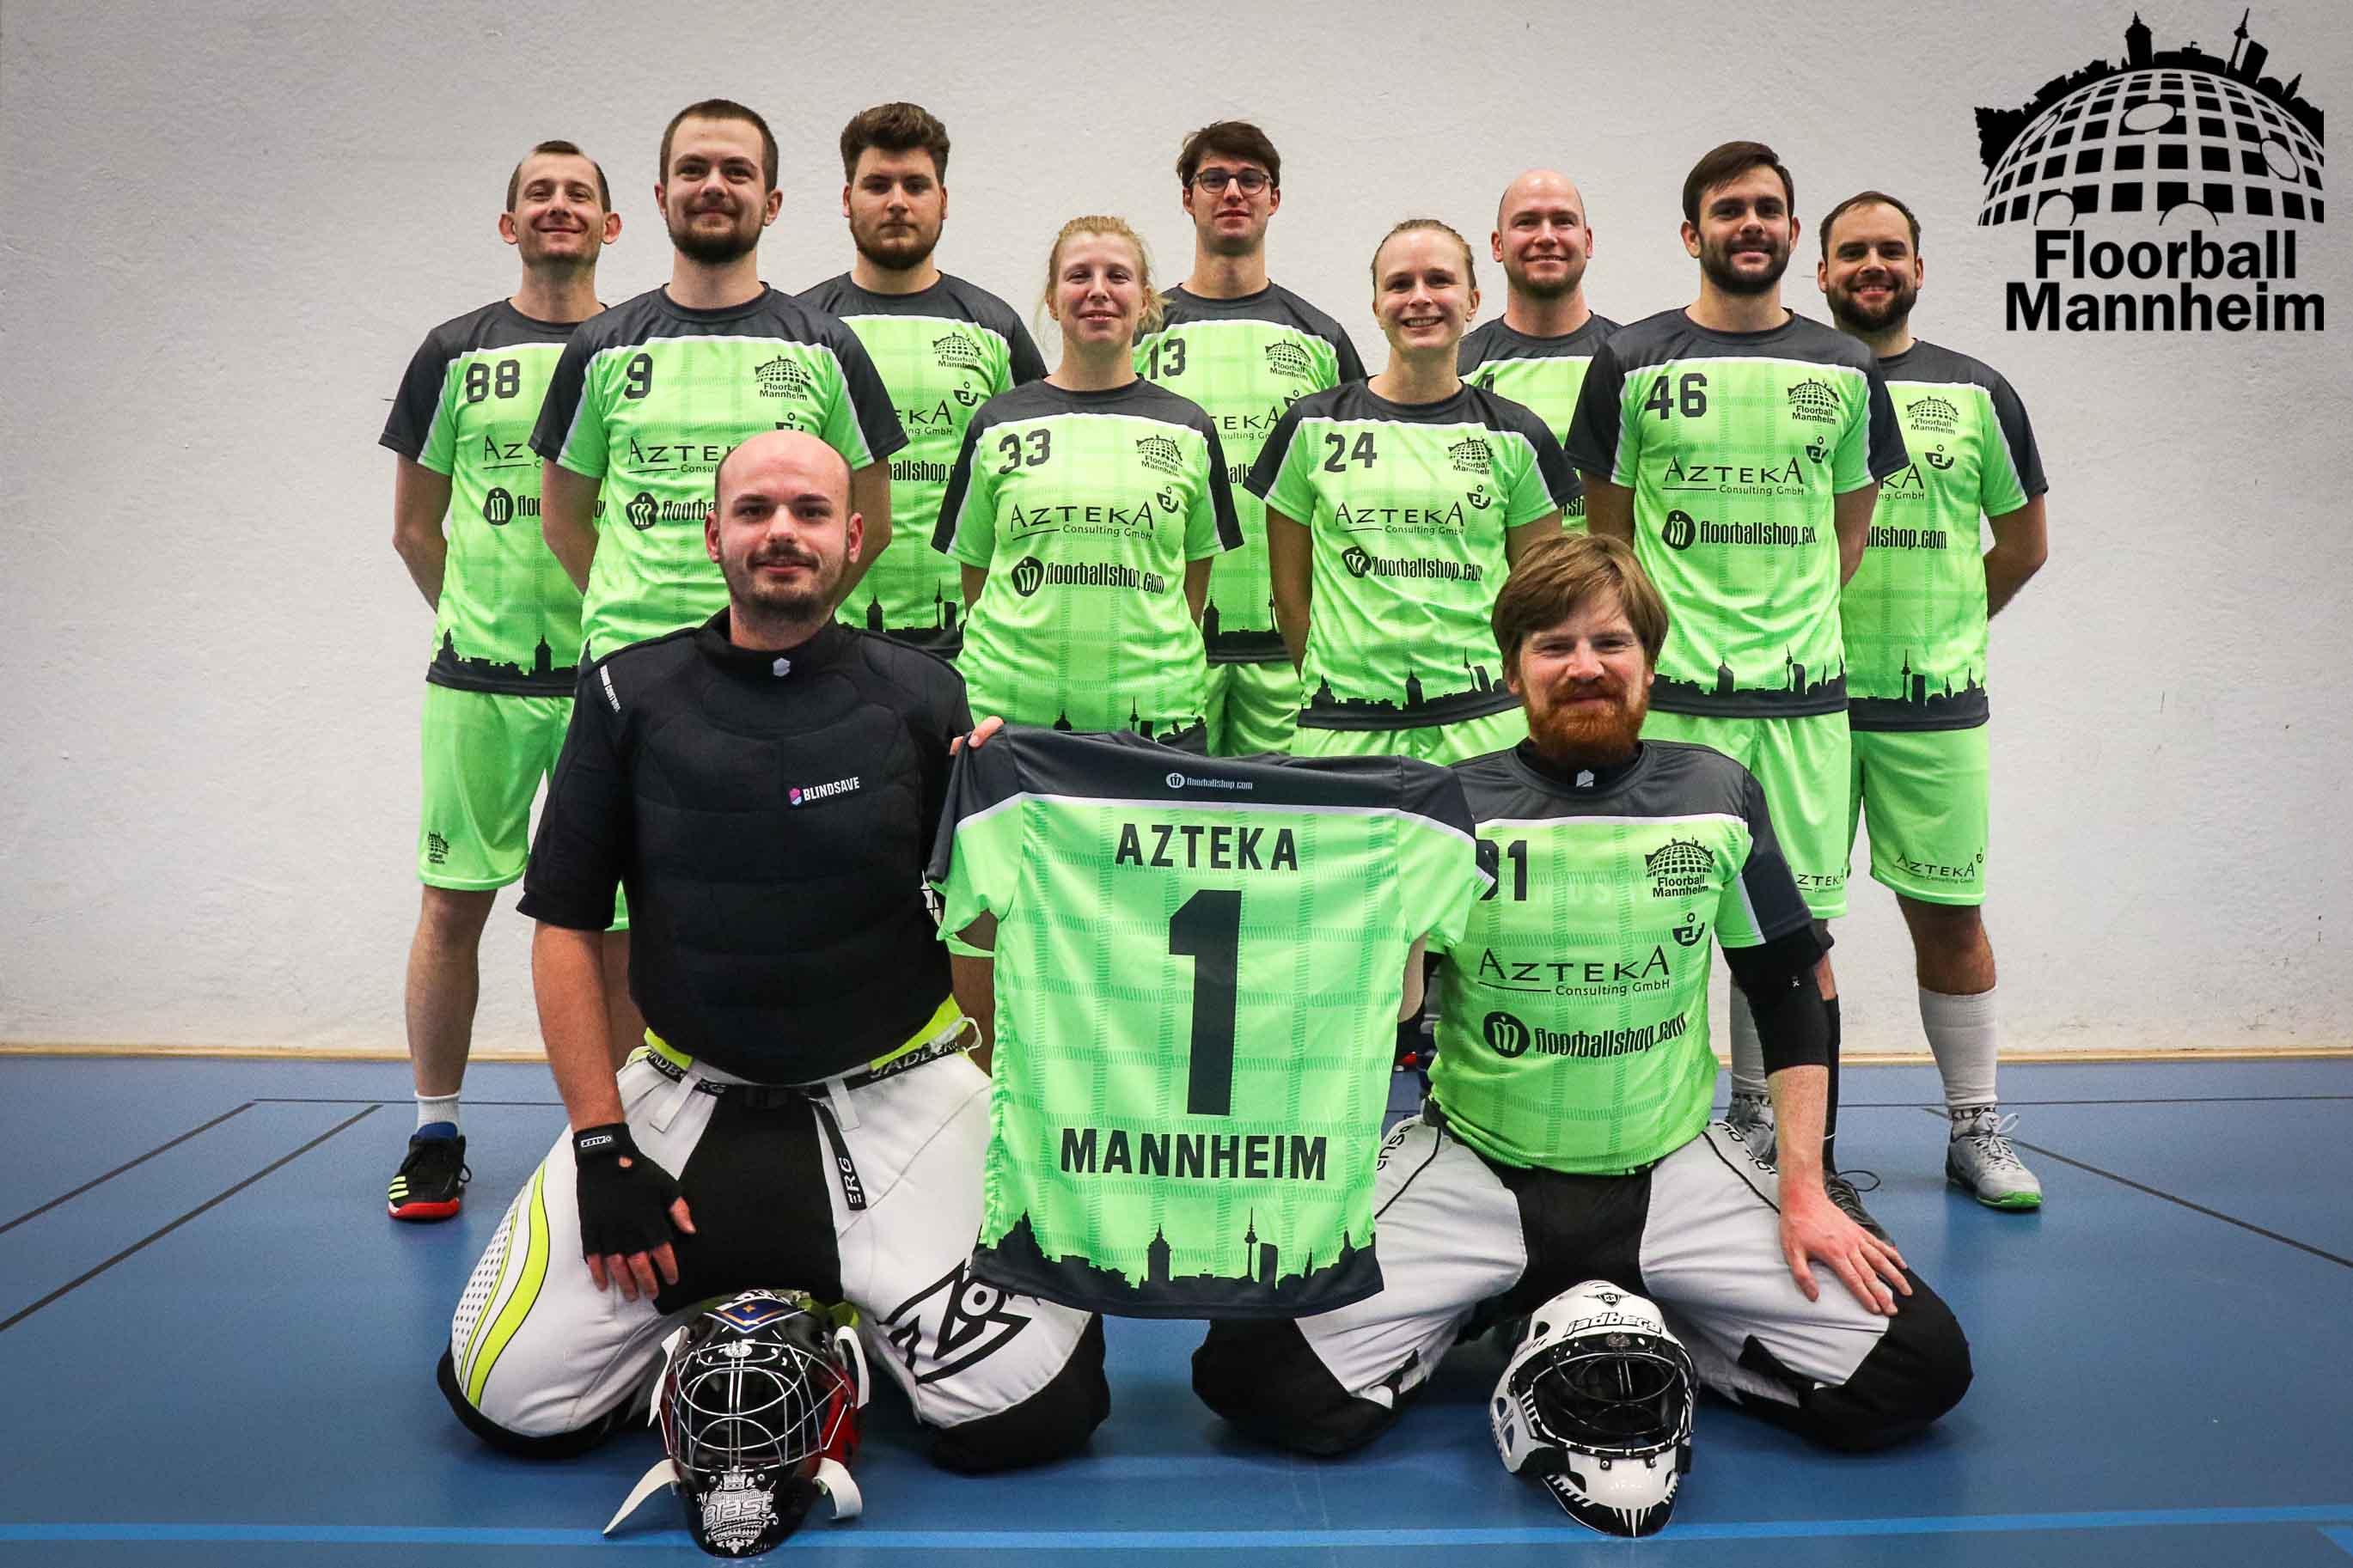 Die Mannschaft Floorball Mannheim